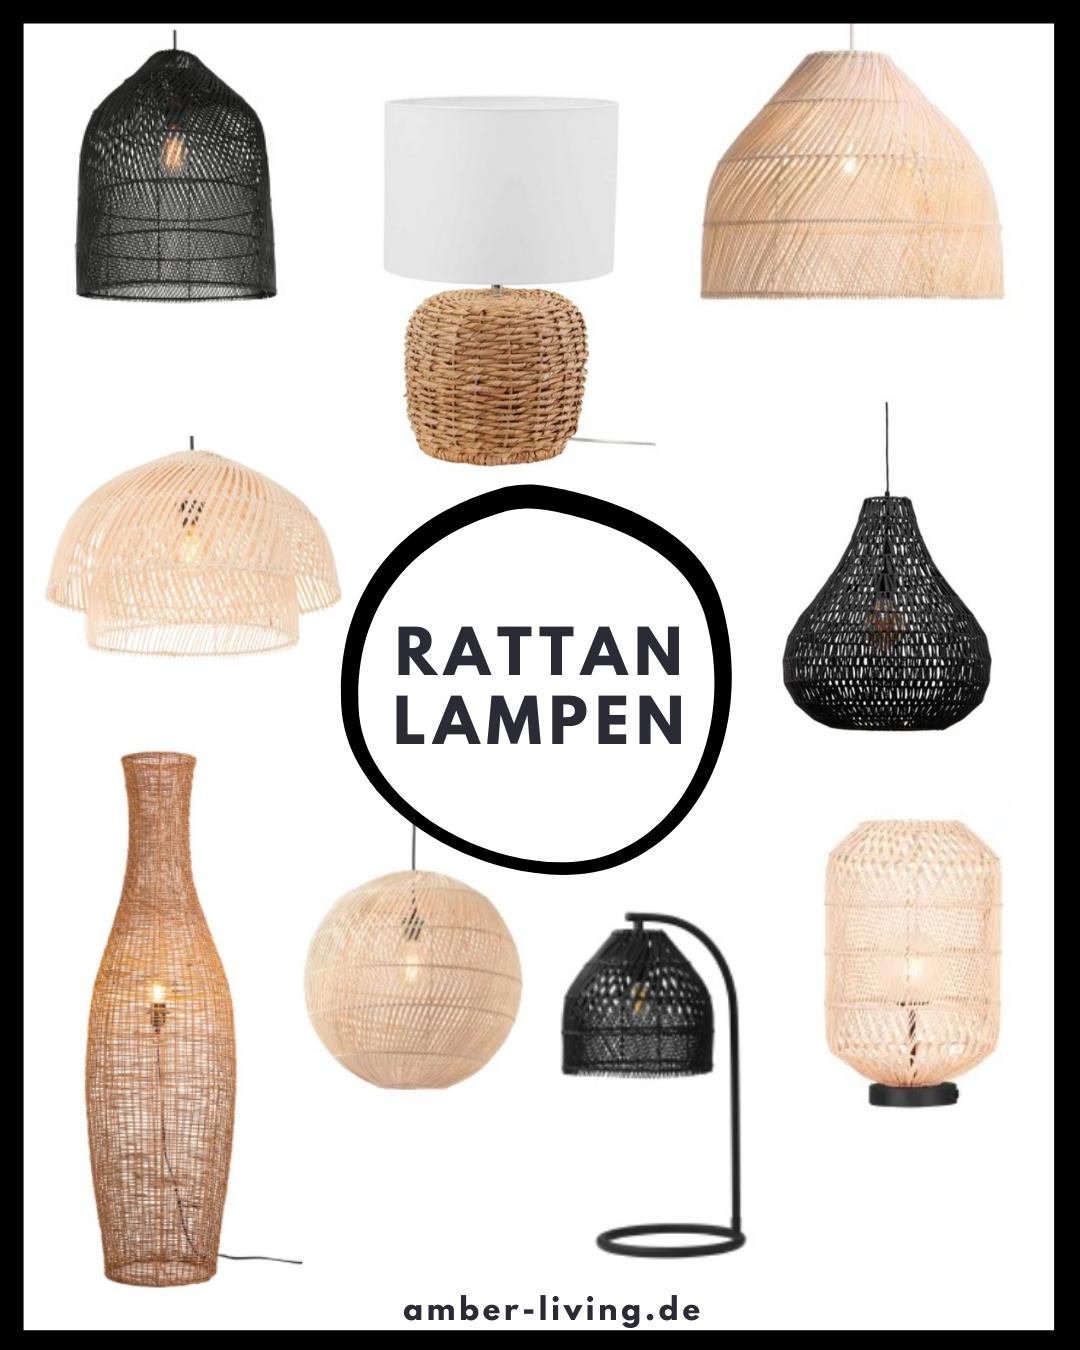 Lampen aus Rattan in 10  Hängelampe kinderzimmer, Rattan lampe